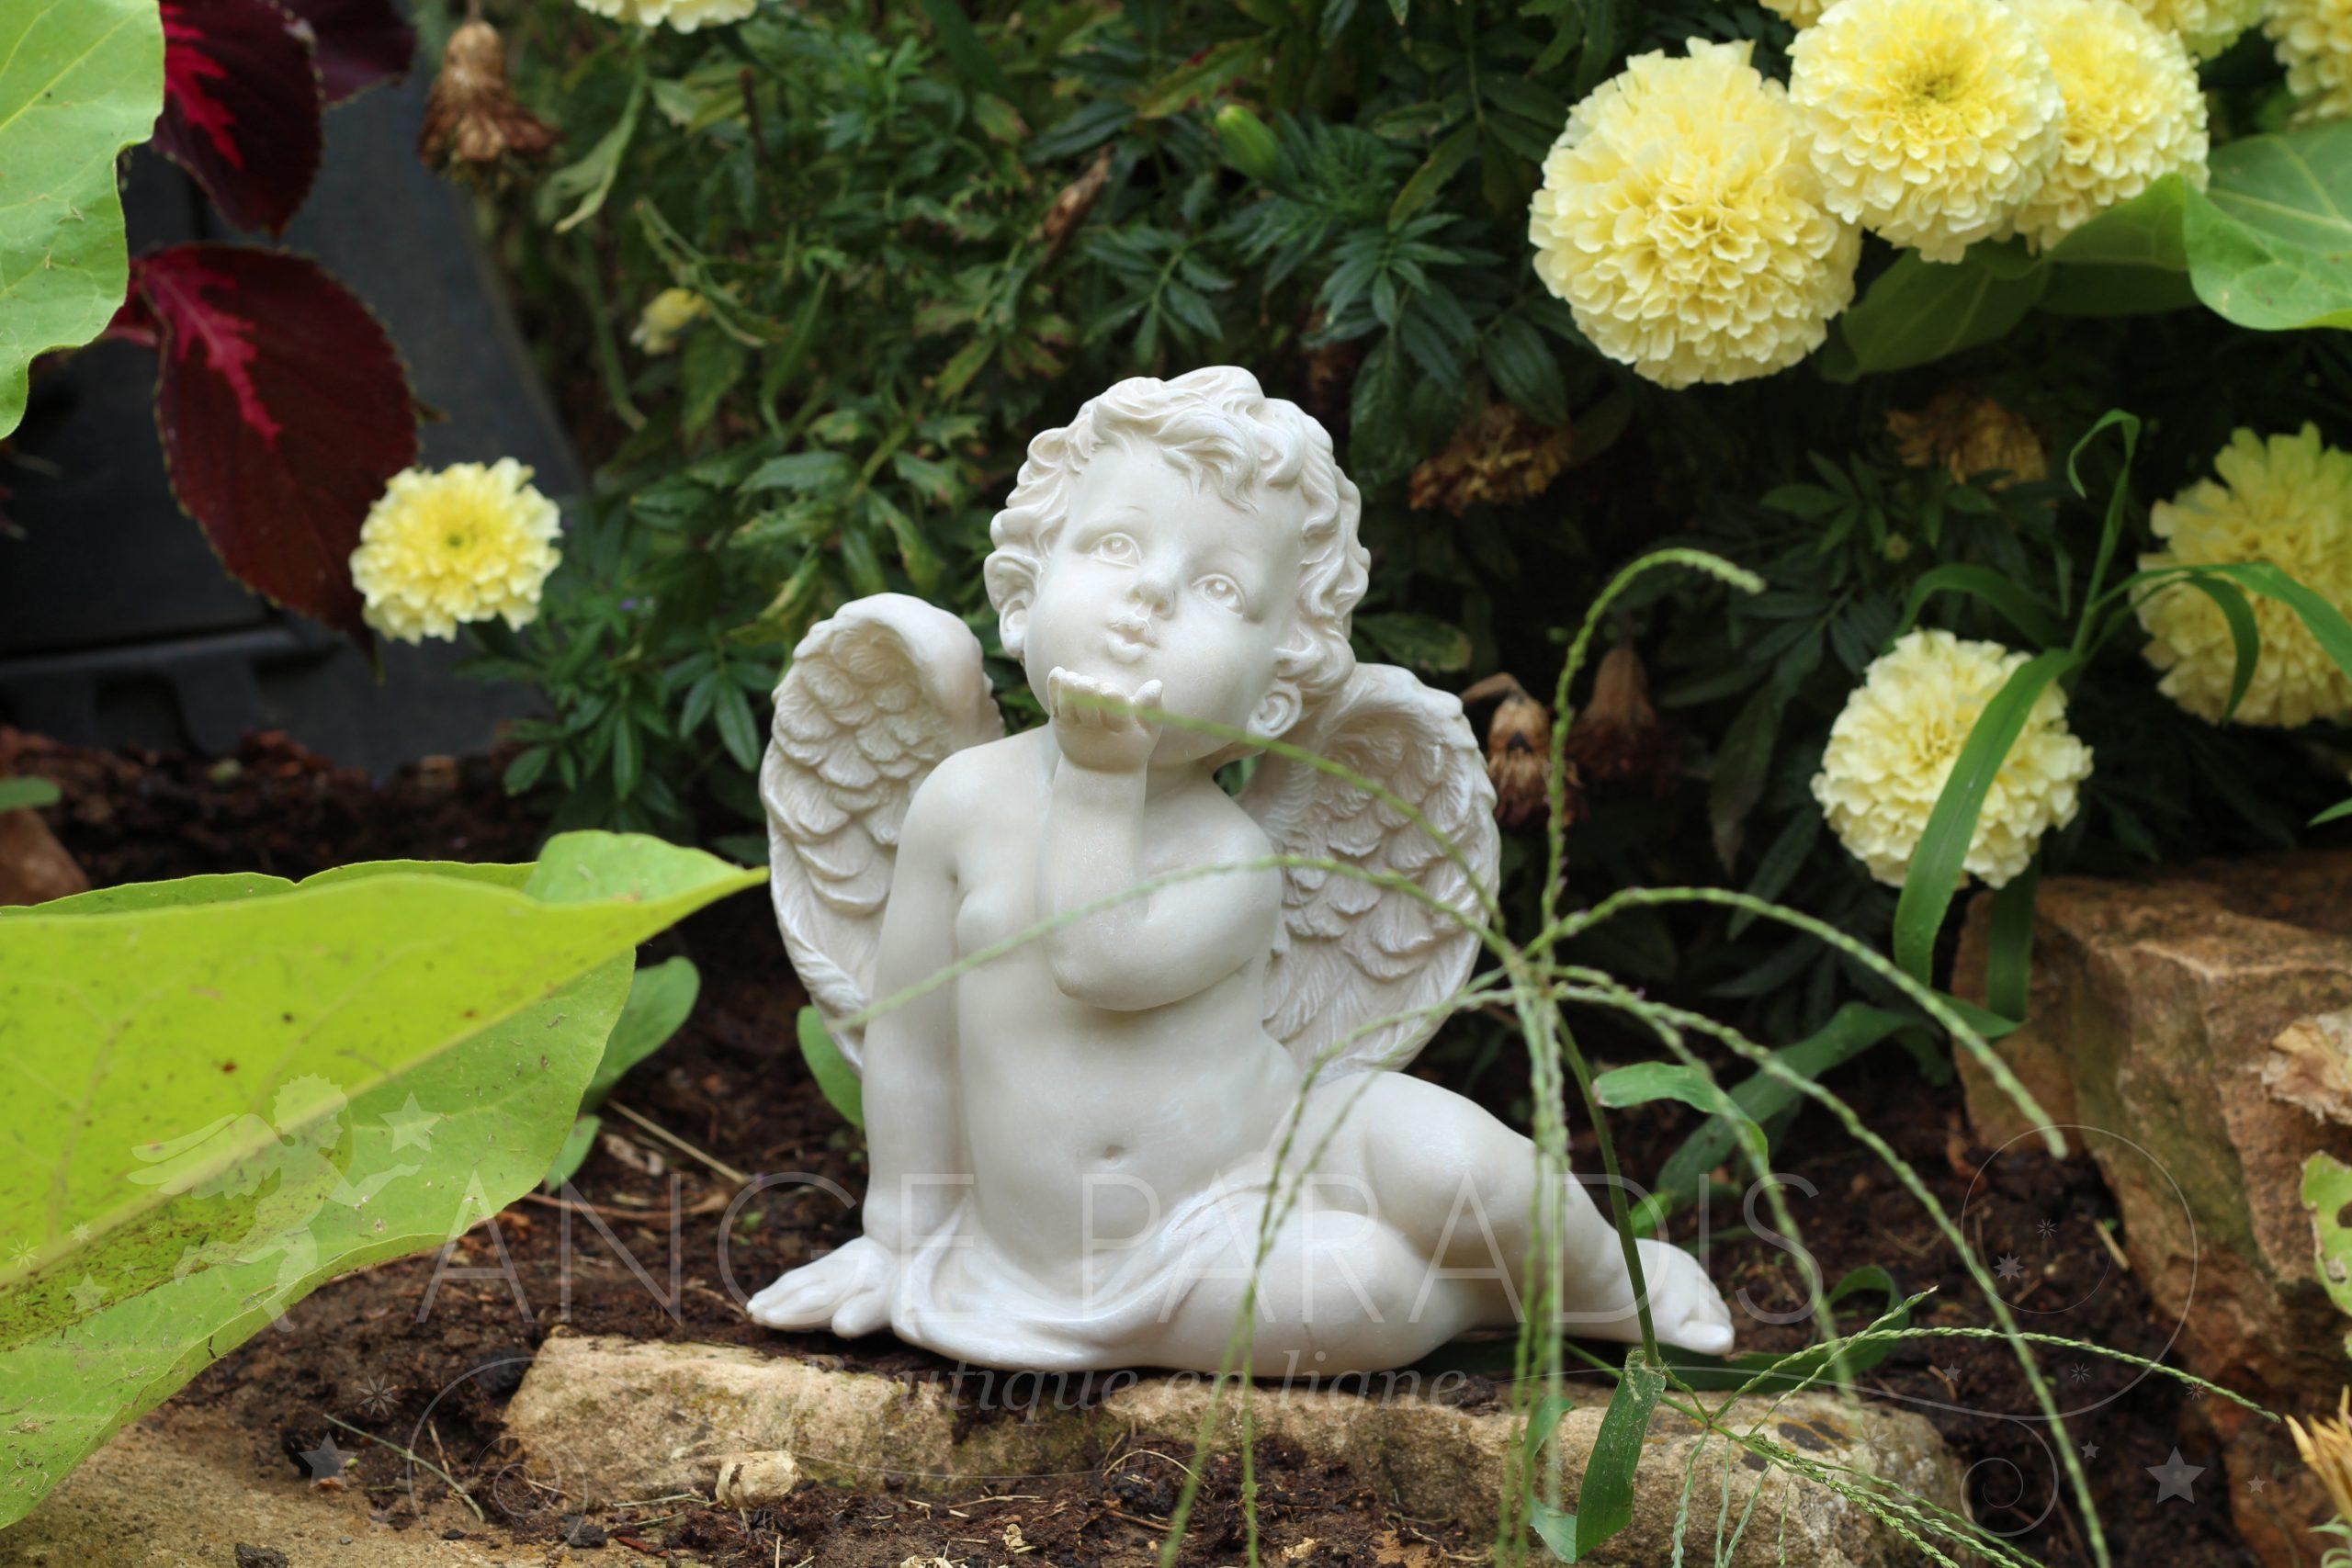 Statuette Ange Exterieur - Statuettes Anges Pour Exterieur ... à Statuette De Jardin